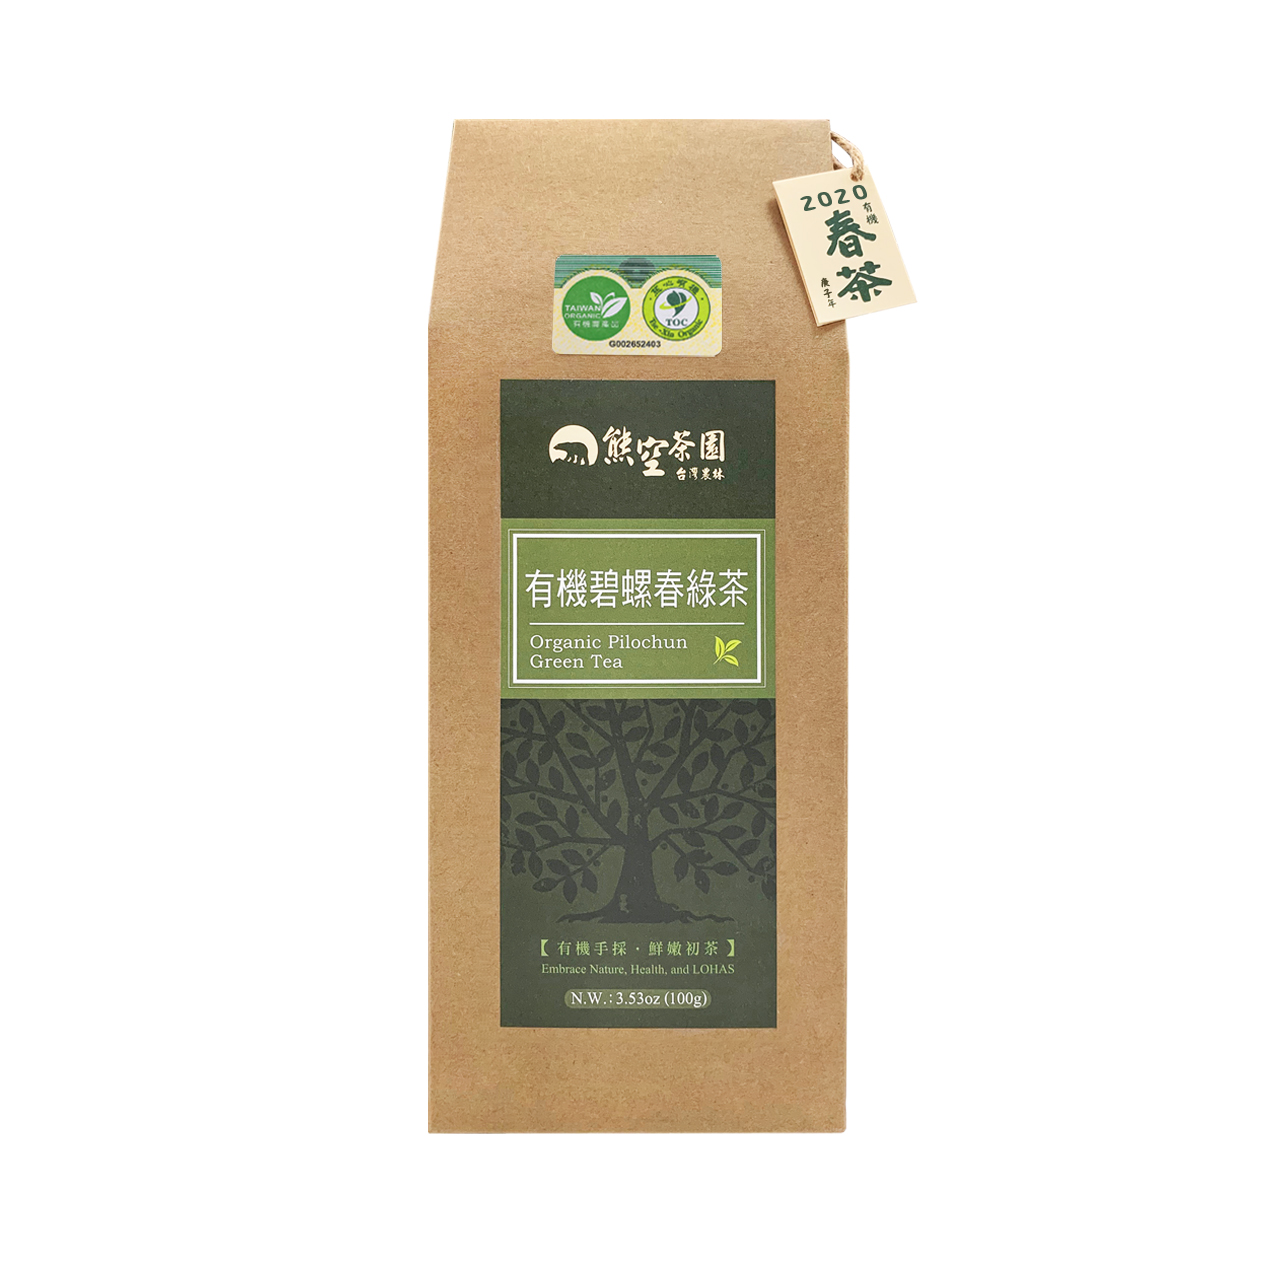 熊空-有機碧螺春綠茶